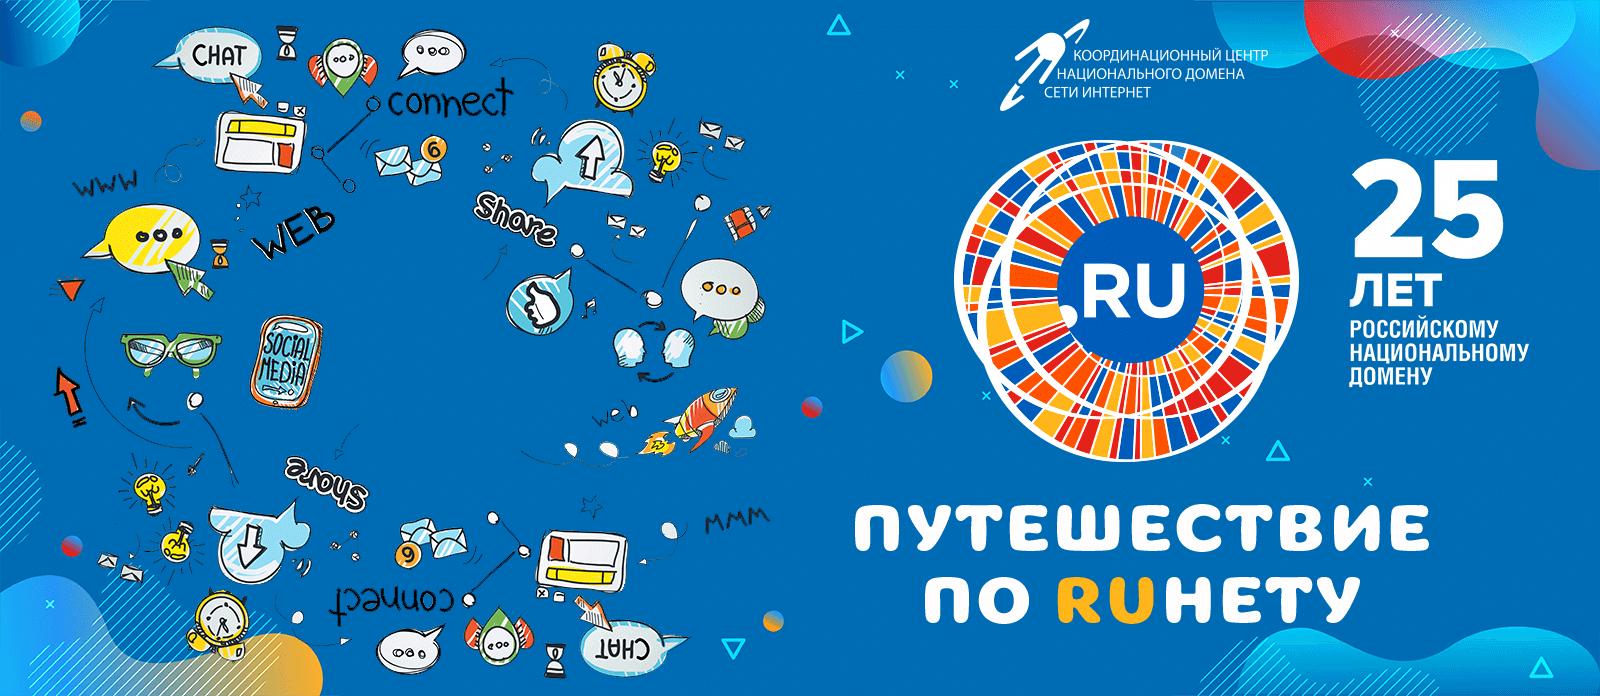 Путешествие по Рунету! Уже скоро!